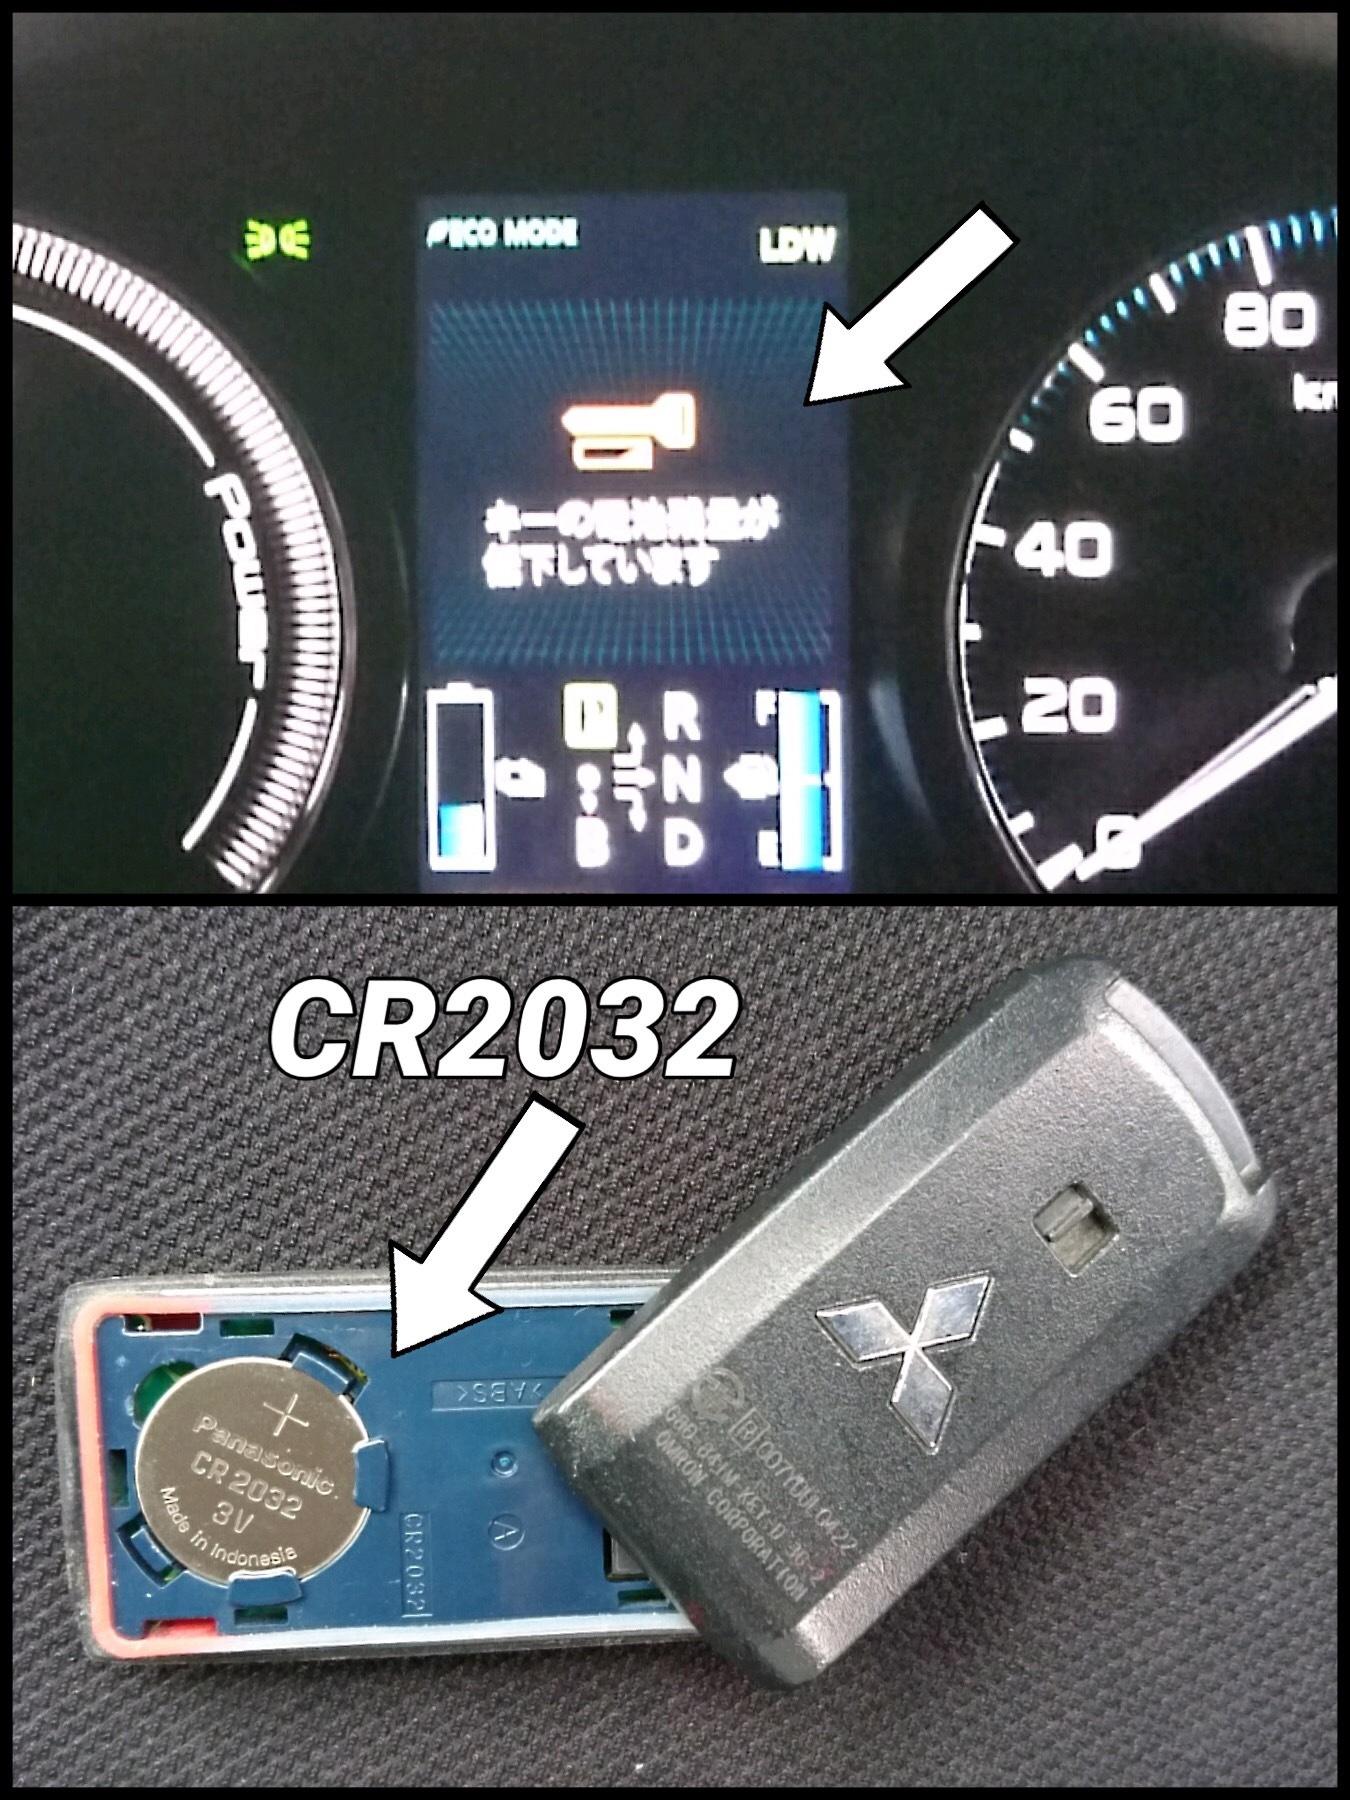 アウトランダーPHEV スマートキー電池切れ 電池交換